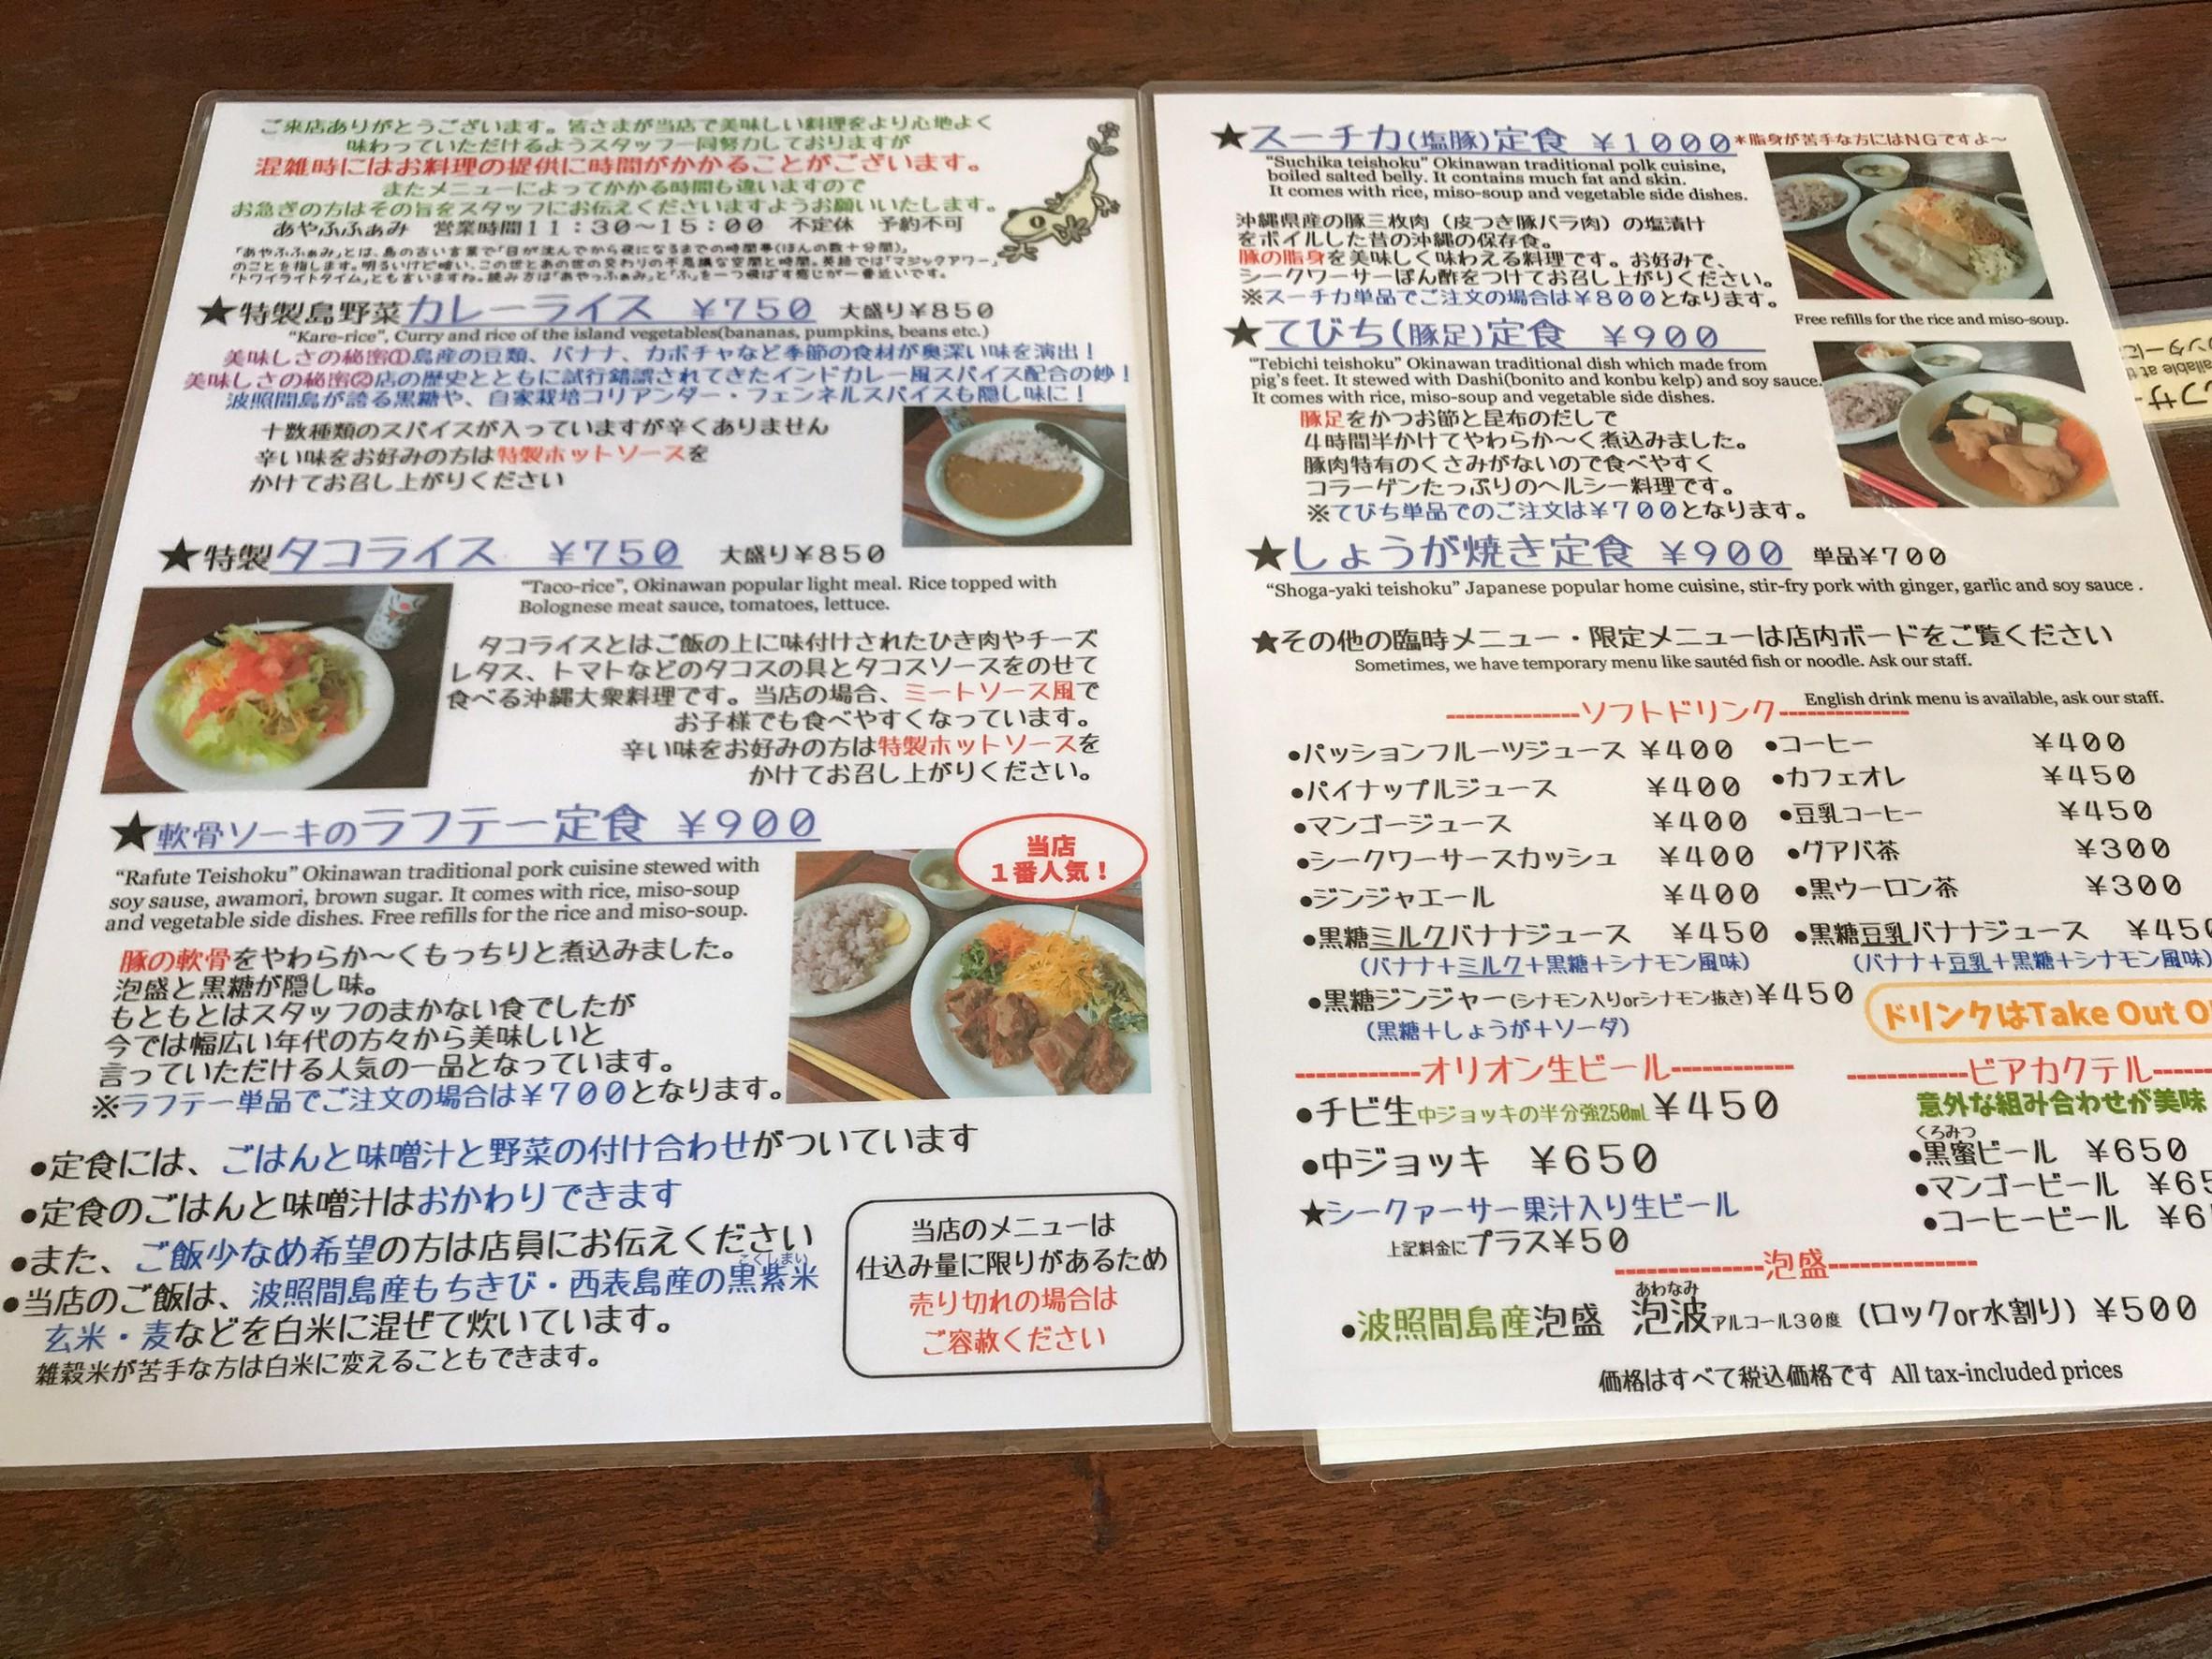 Ayafufami menu